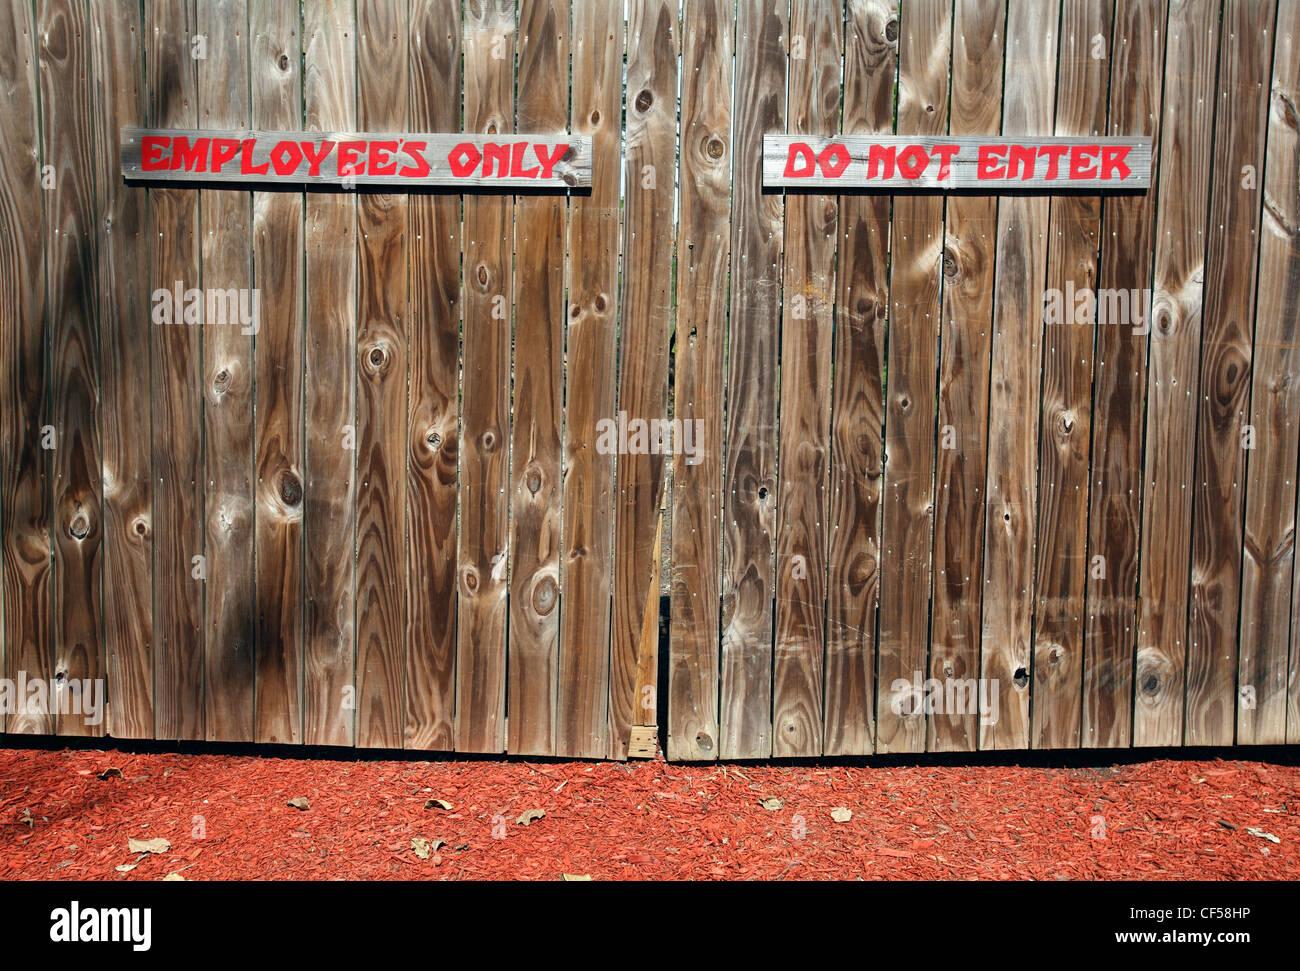 Employess im genes de stock employess fotos de stock alamy - Empanelados de madera ...